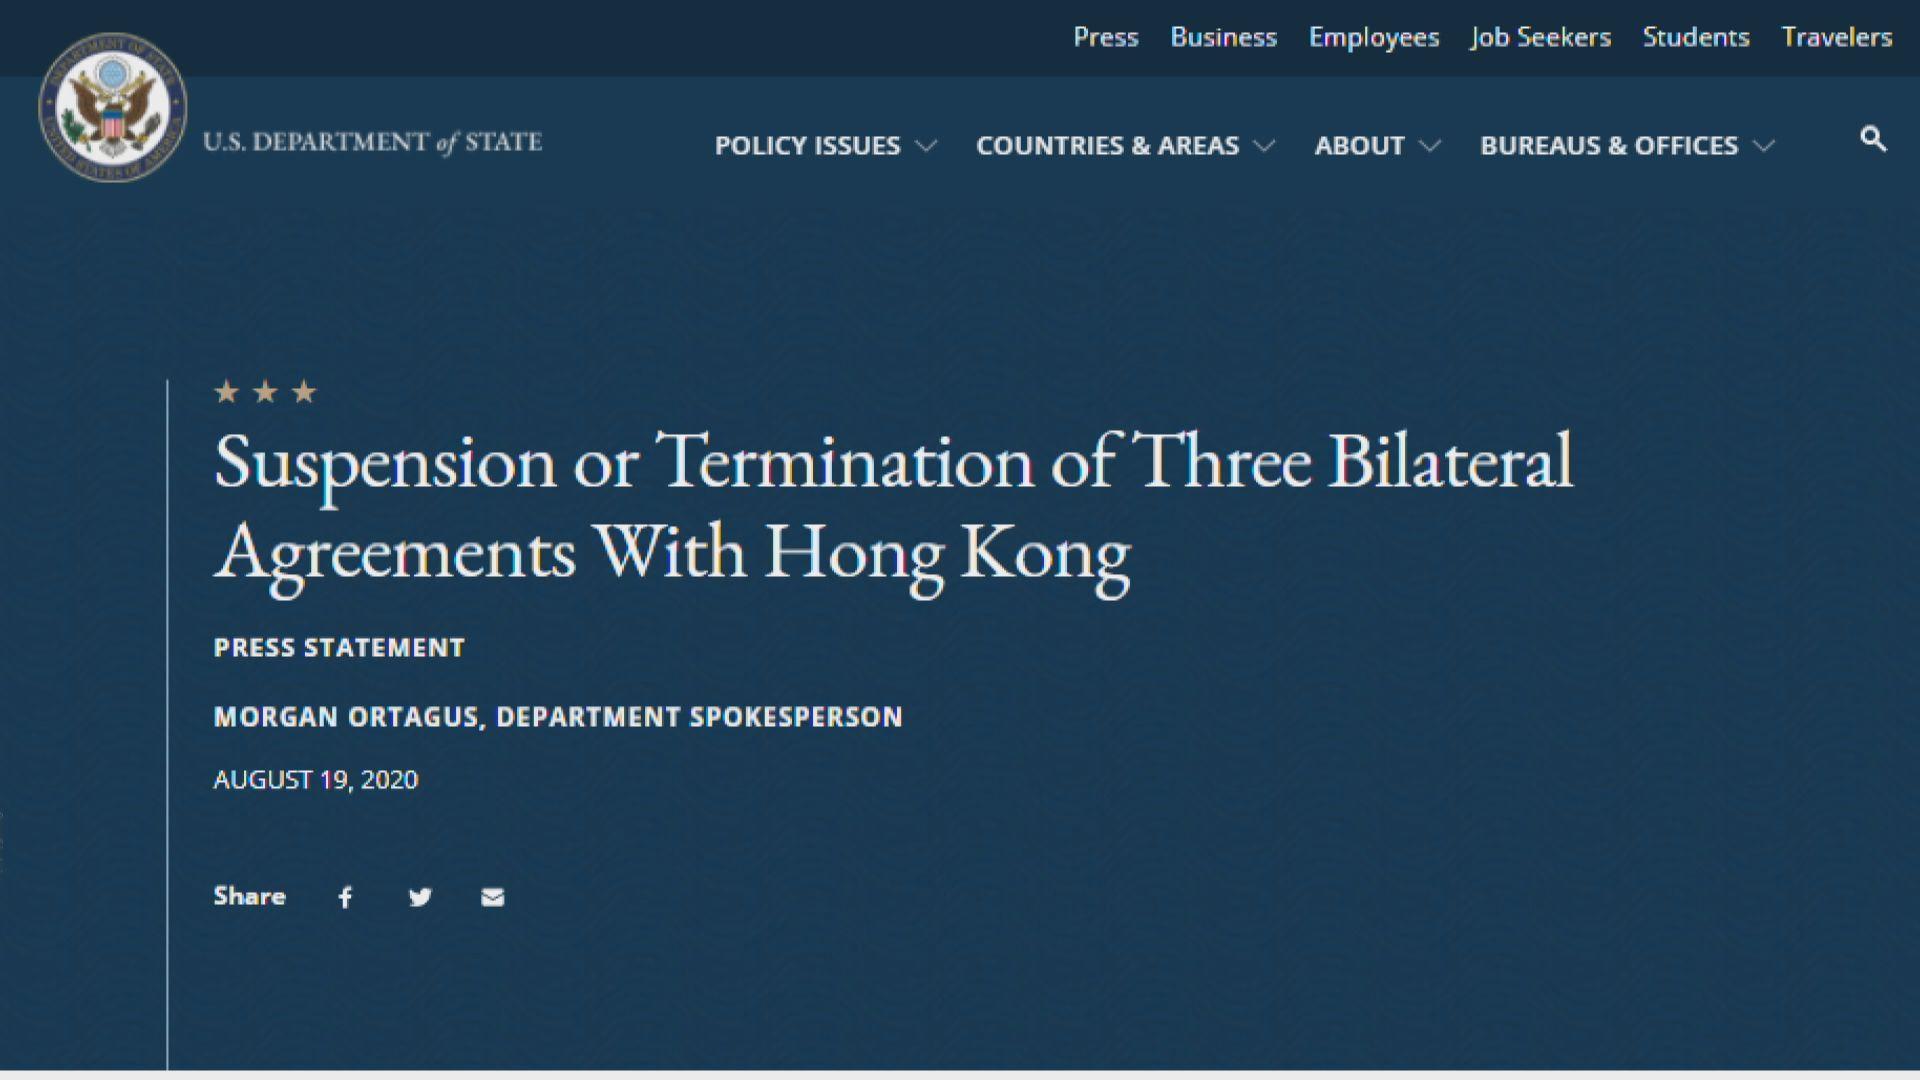 美國通知香港暫停或終止三項雙邊協議